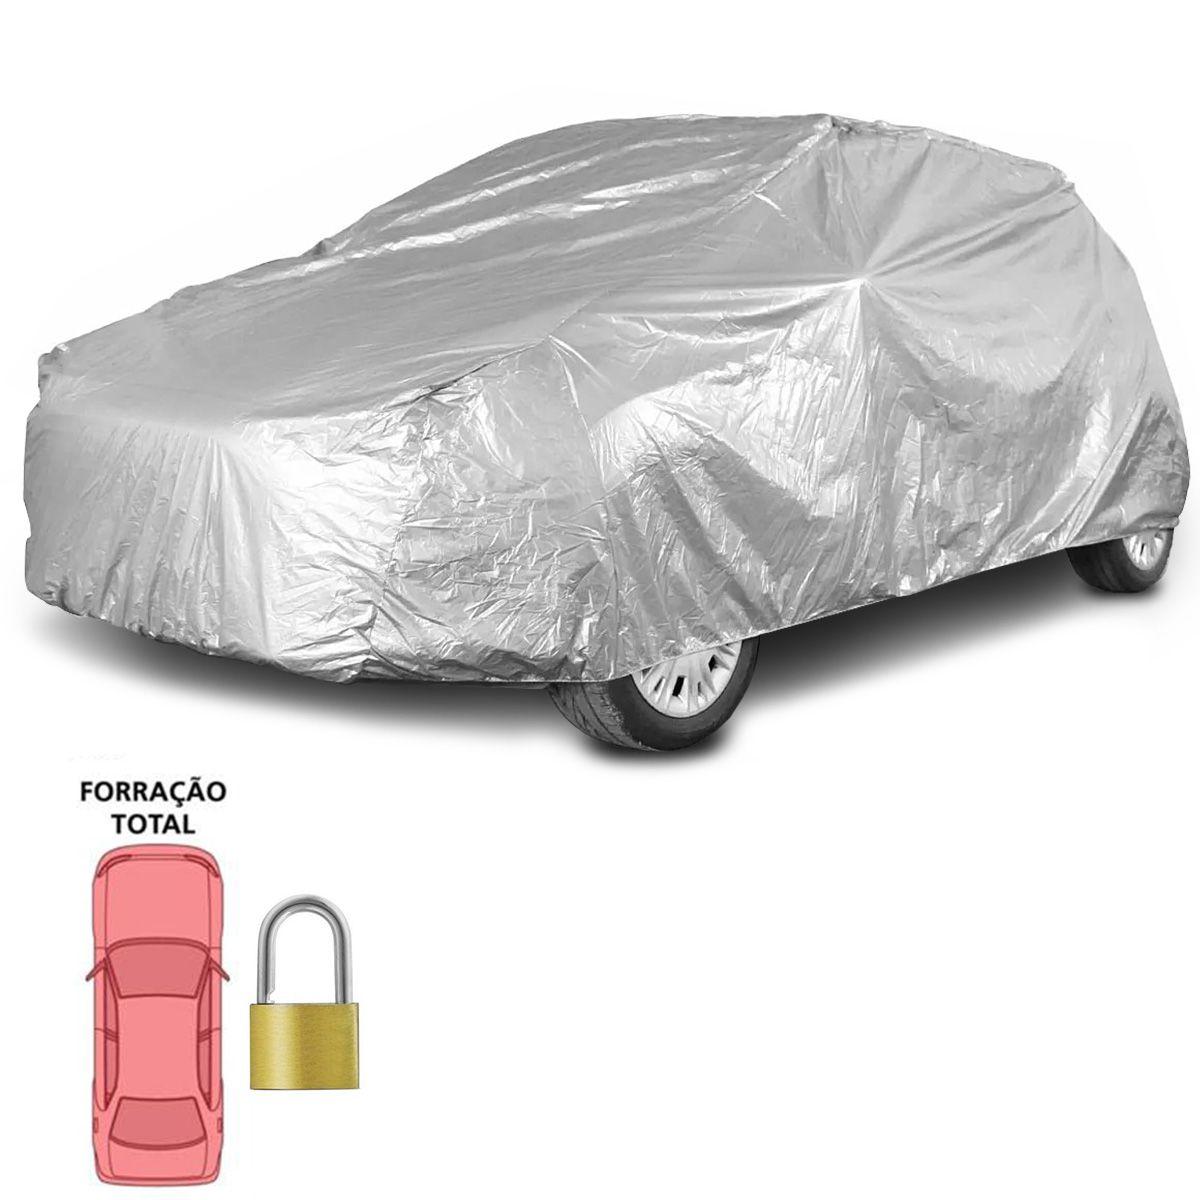 Capa De Cobrir Carro Extra Grande Forro Total Impermeavel Cadeado